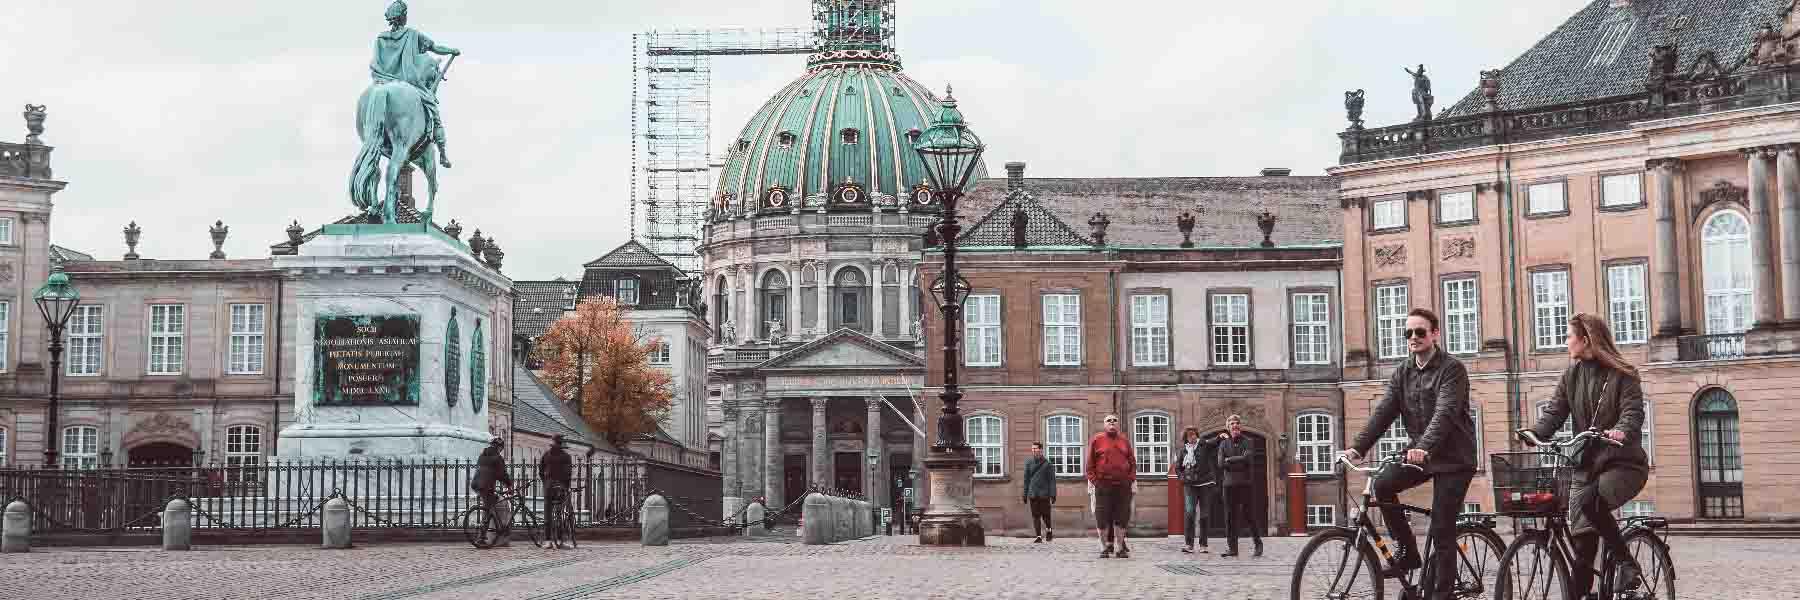 COMEBACK COPENHAGEN 2021: O PLANO DA CAPITAL DINAMARQUESA PARA A RETOMA DO TURISMO